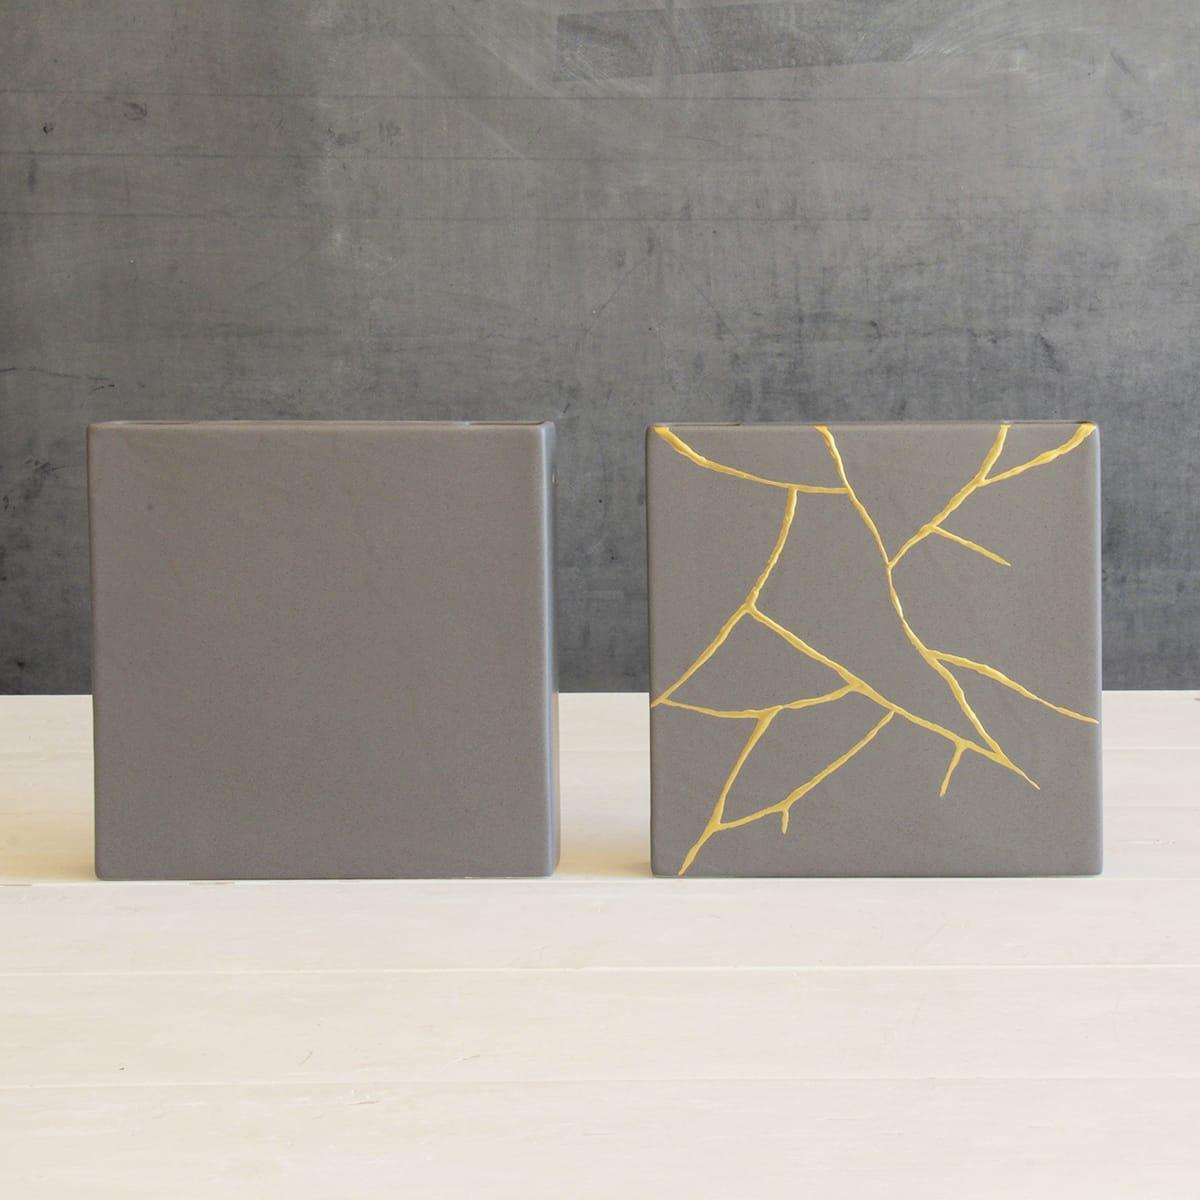 ci sono due vasi quadrati in simil cemento uno dei quali presenta delle venature dorate sulla superficie